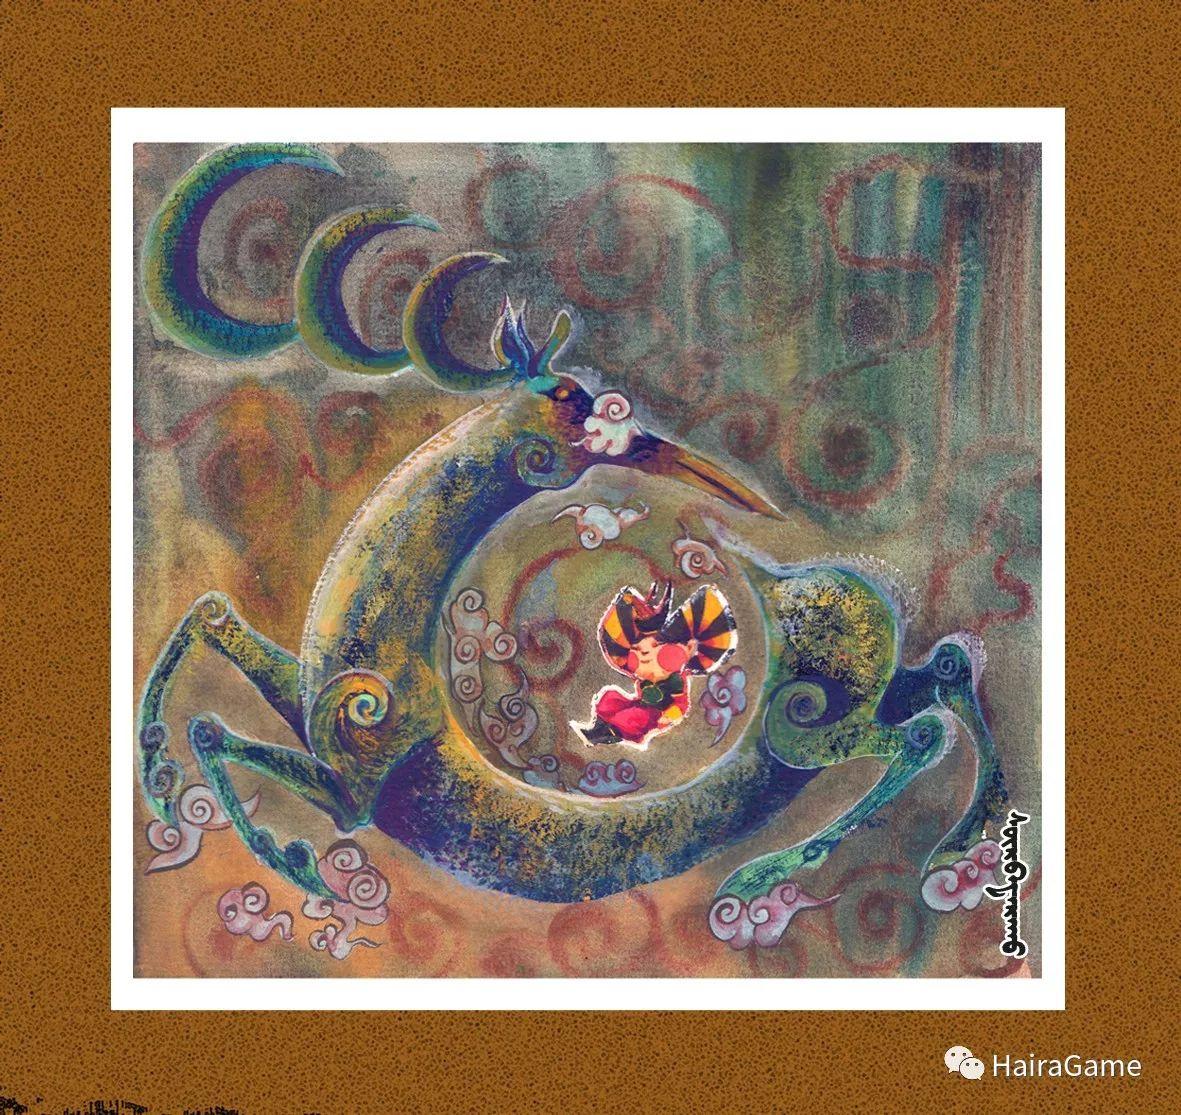 可爱的蒙古宝贝2:诺敏和清赫尔· Surbadarah(原创插画) 第3张